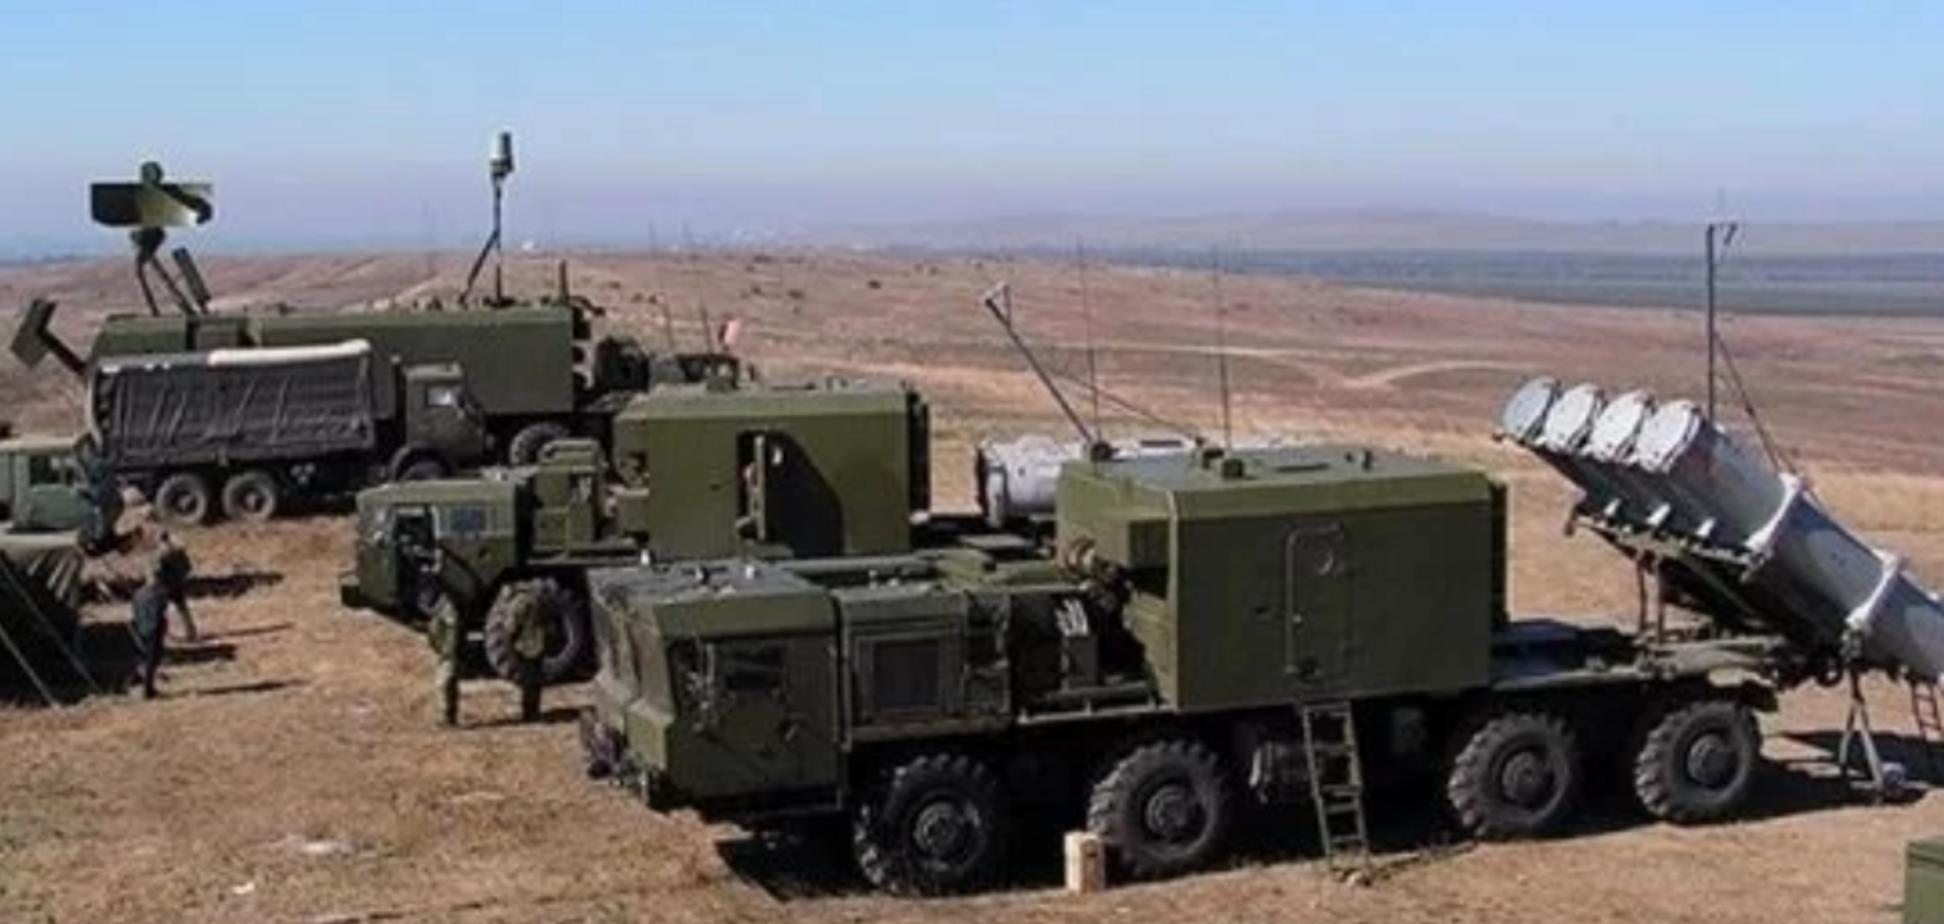 'Ситуація загрозлива': учасник АТО пояснив військові приготування Росії